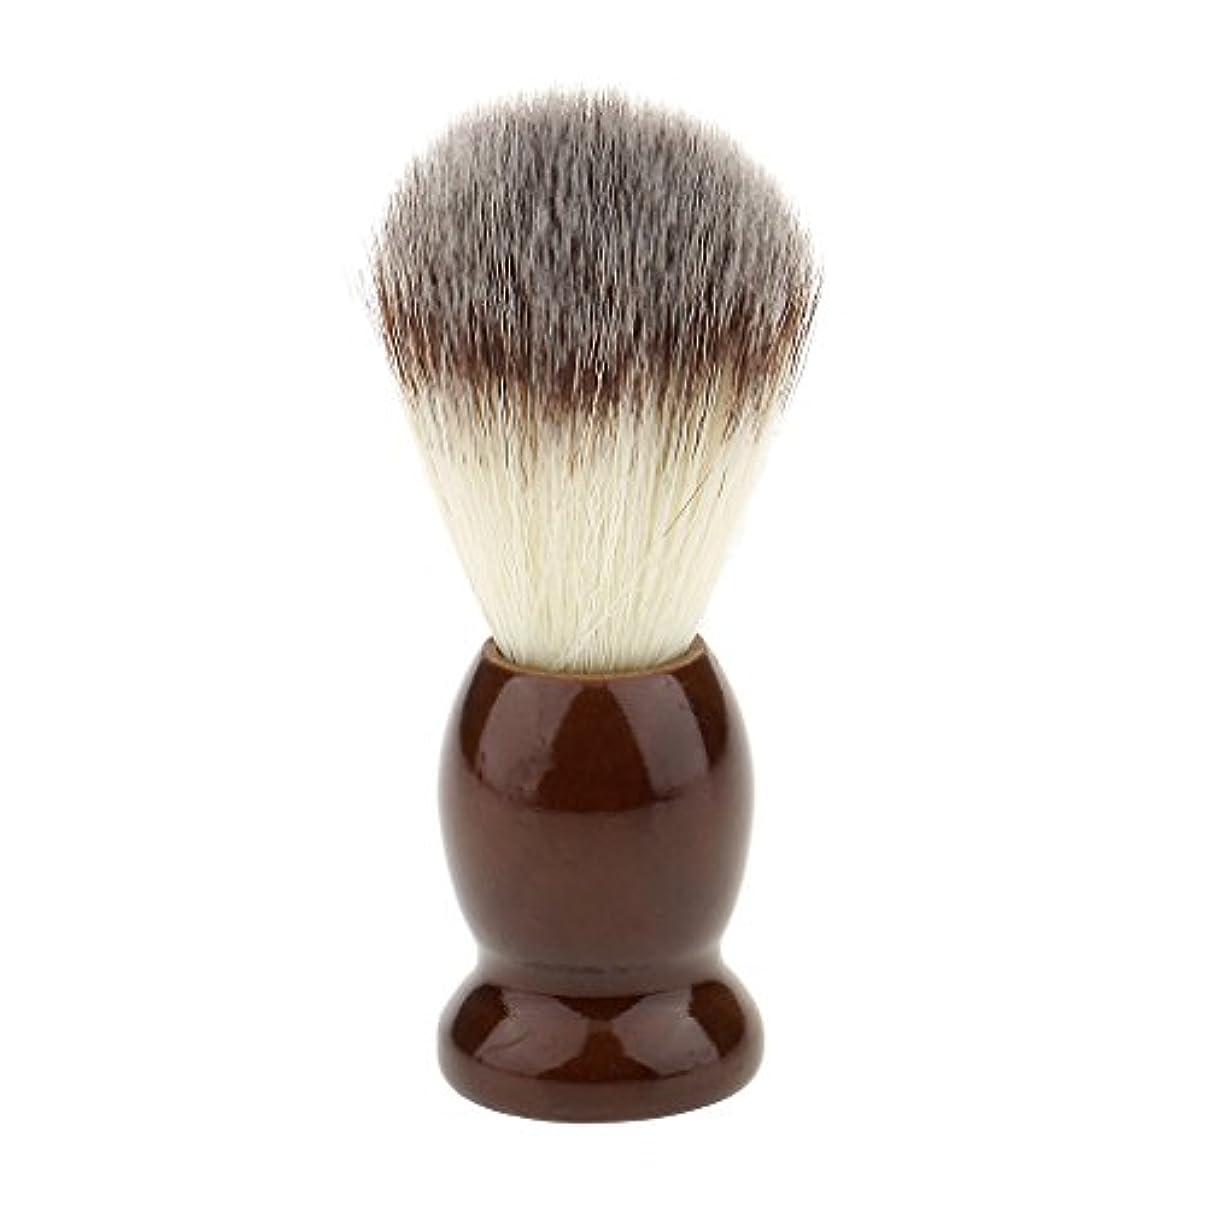 却下する延ばす着るナイロン製 シェービングブラシ 柔らかい 理容 洗顔 髭剃り 便携 10.5cm ブラウン